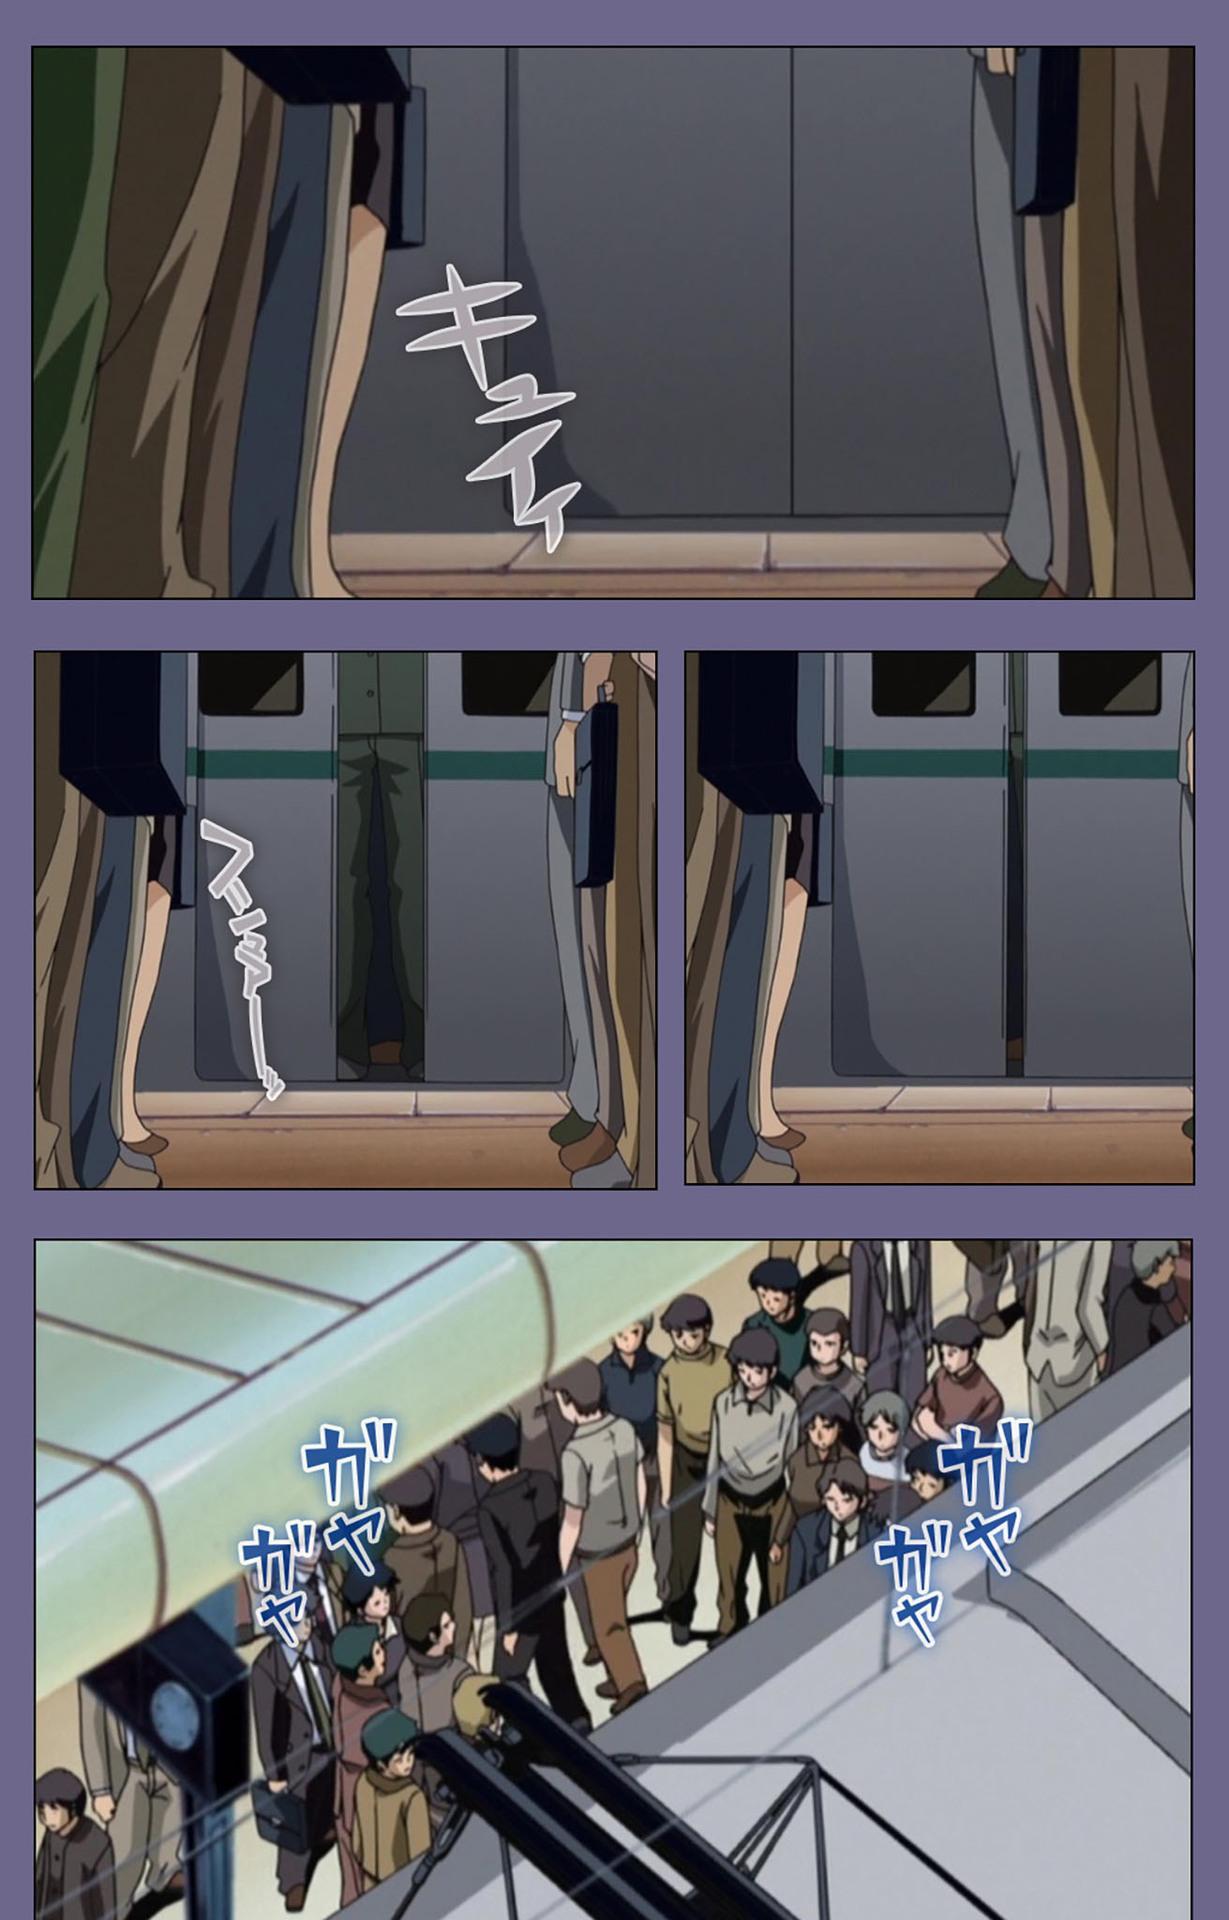 Itazura kanzenhan 13